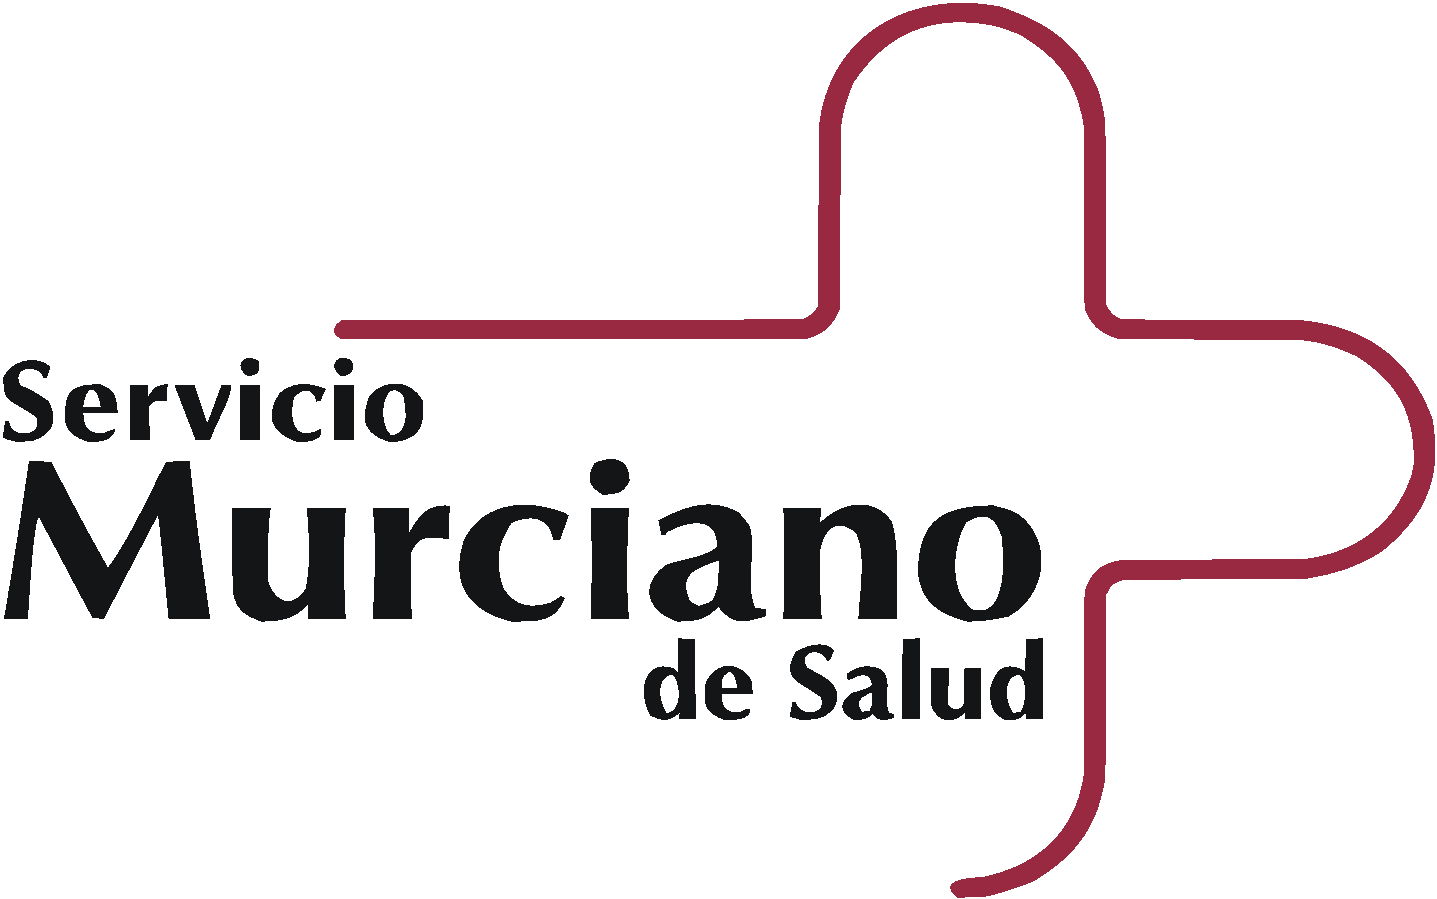 Resultado de imagen de SERVICIO MURCIANO DE SALUD OPE IMAGENES